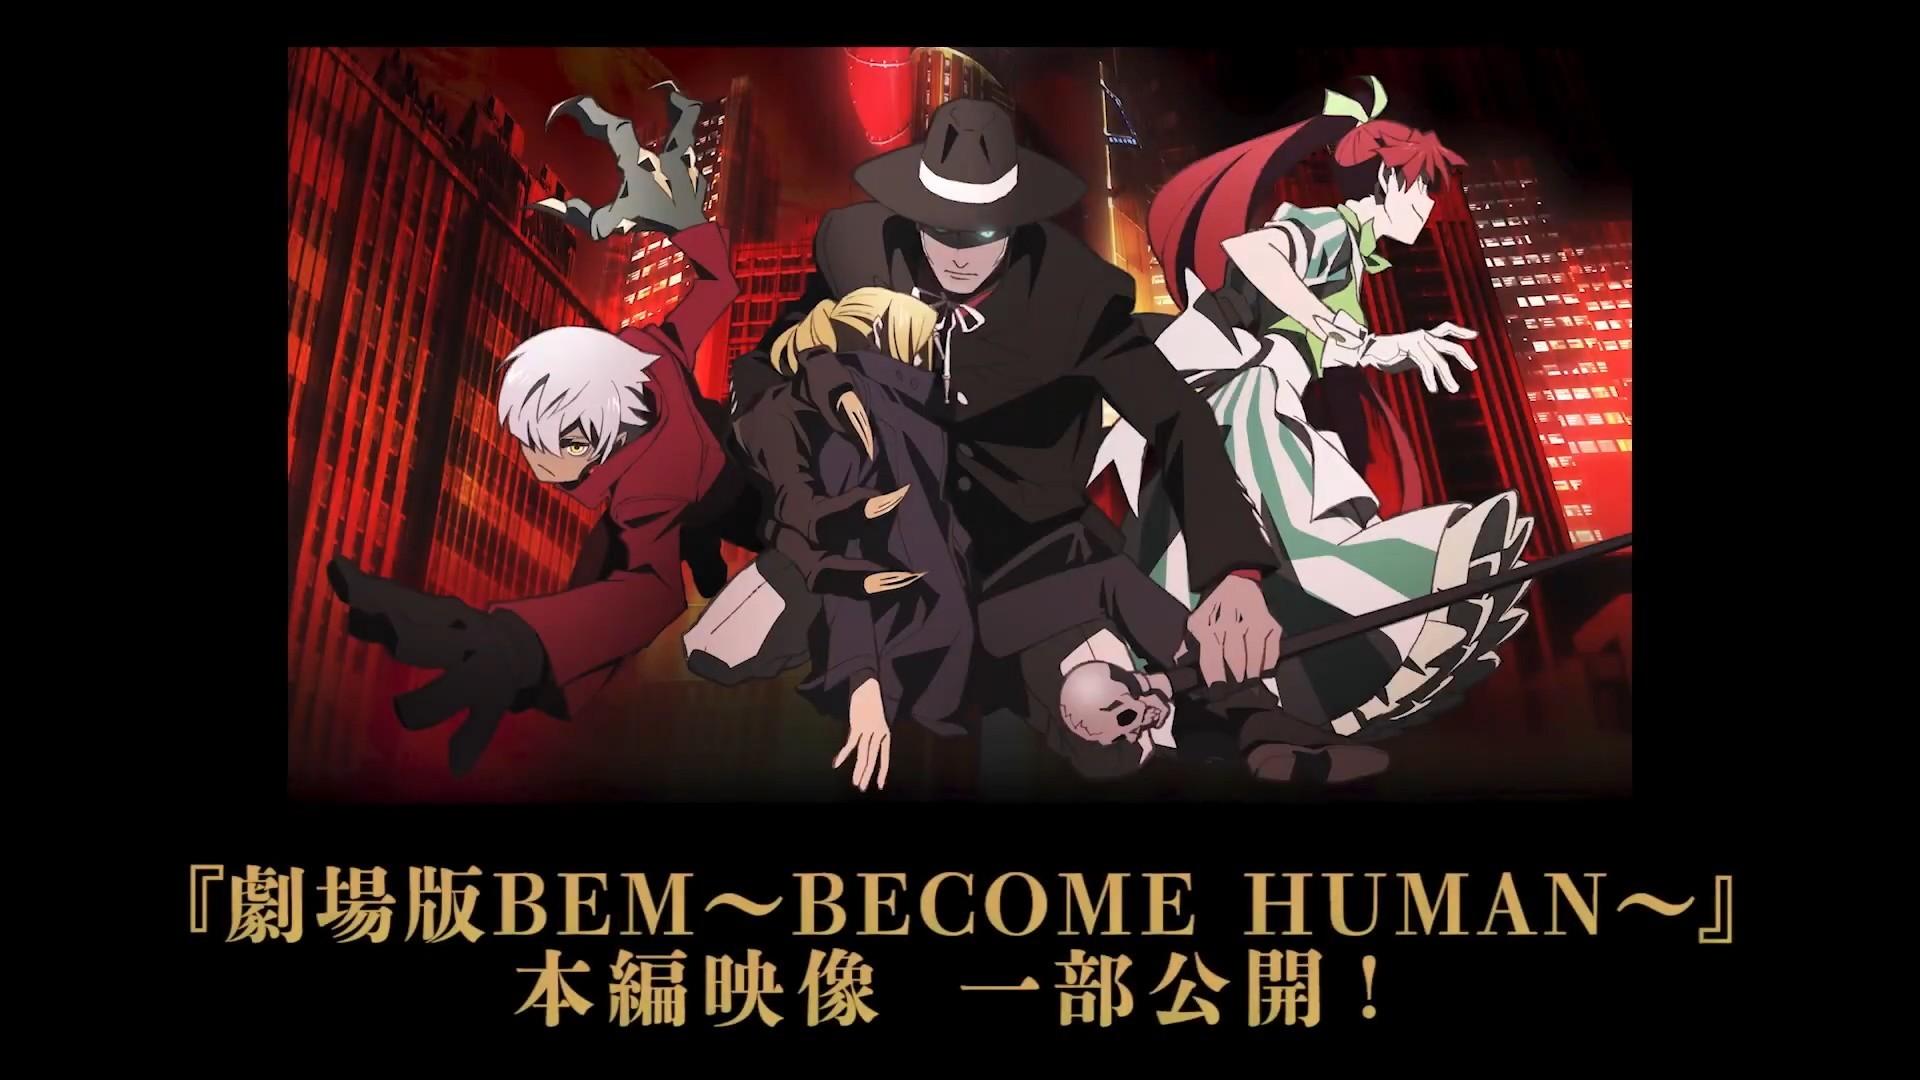 妖怪人贝姆剧场版《BEM~BECOME HUMAN~》部分本篇影像先行公开- ACG17.COM